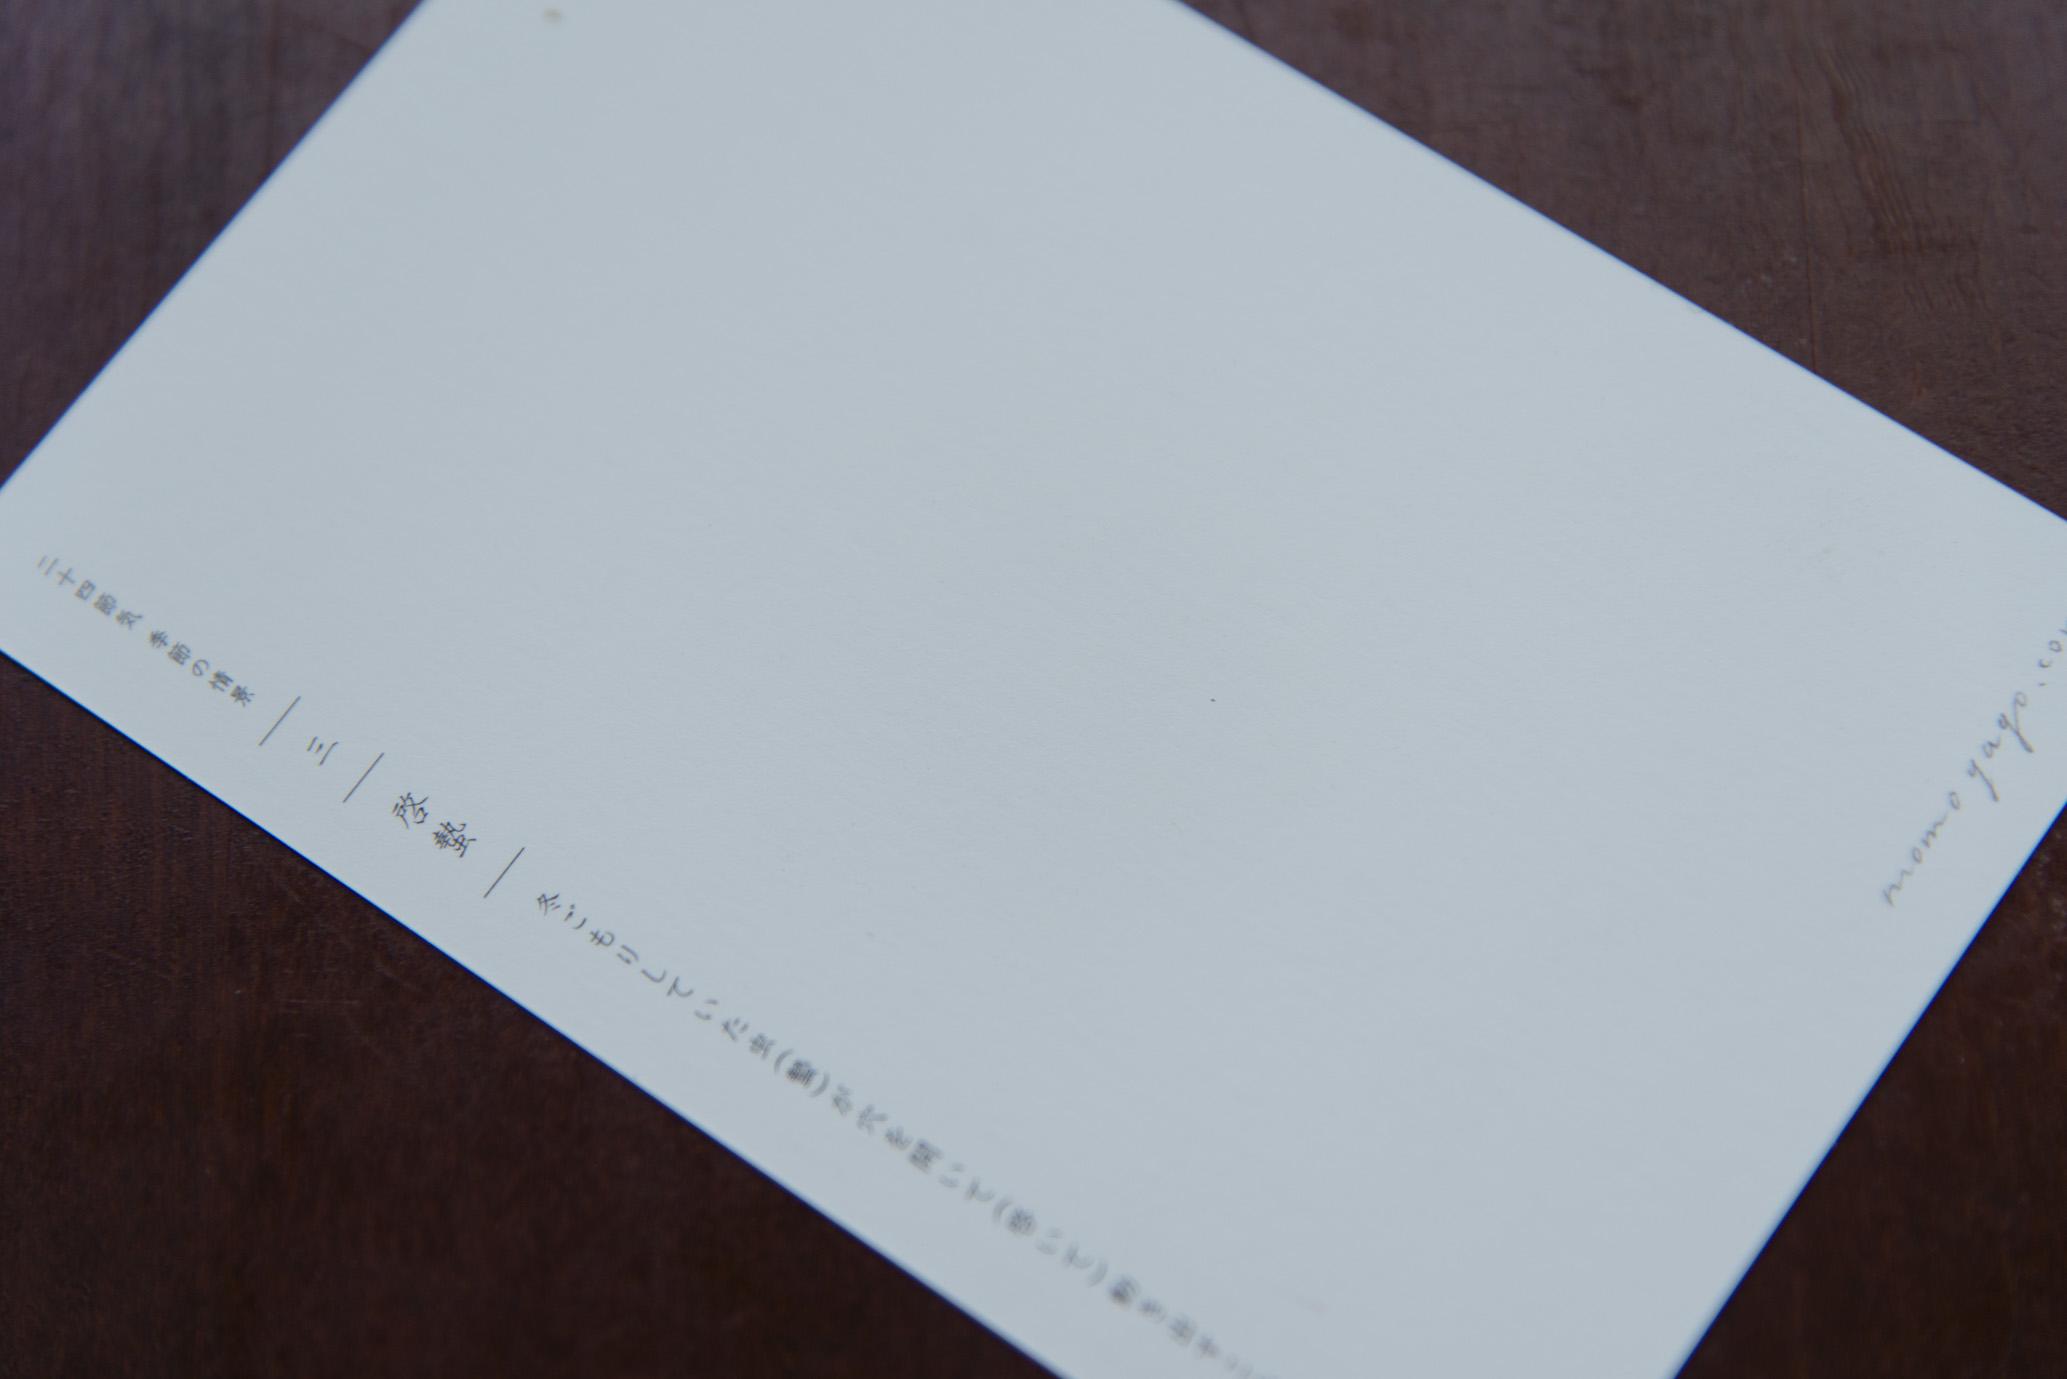 二十四節気の解説が付いています。お手紙を受け取った方が季節や暦を身近に感じていただけたらと思います。